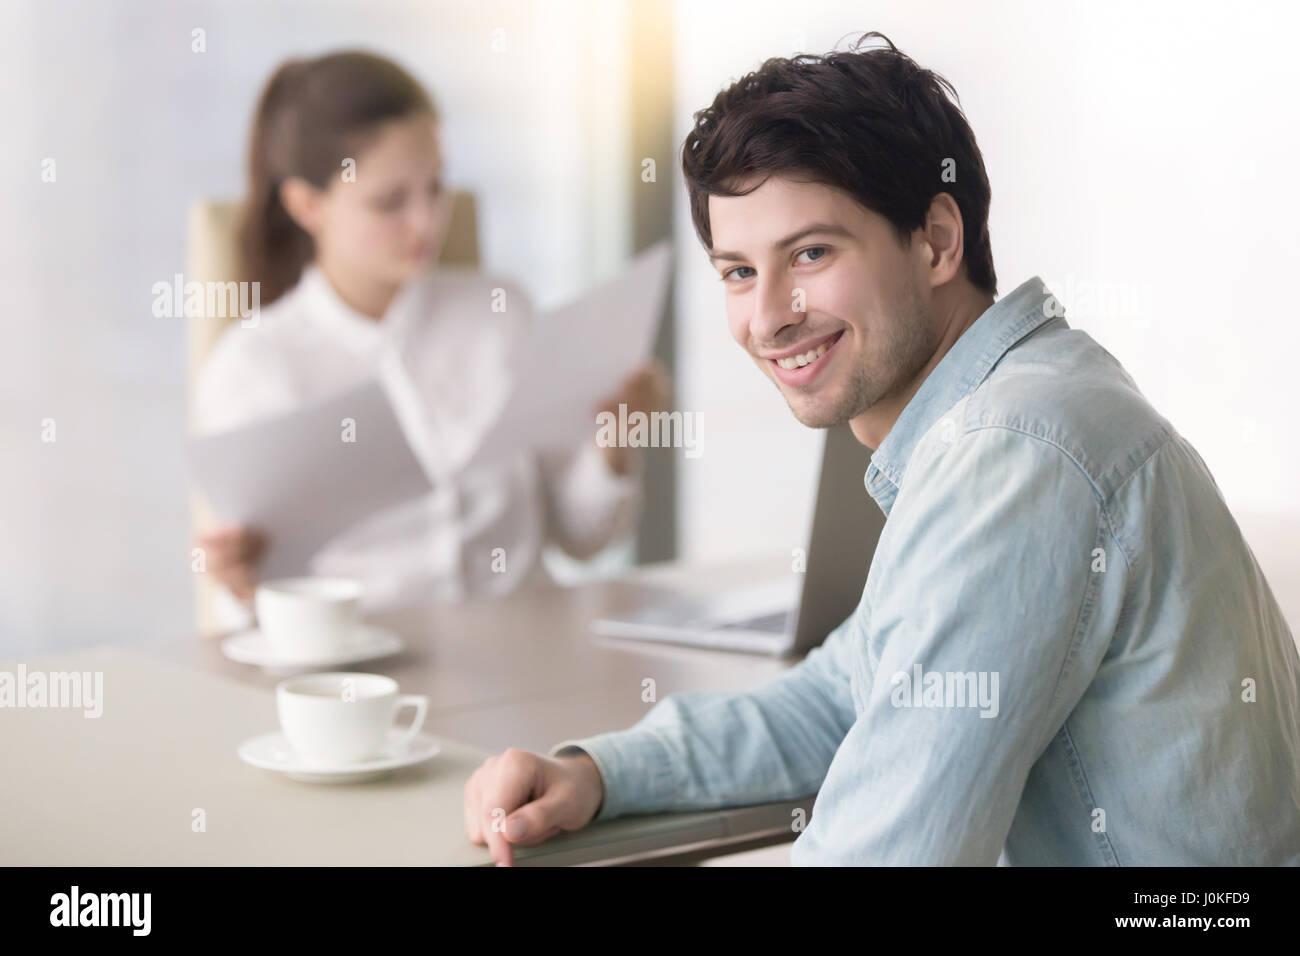 Smiling candidat à la recherche d'un emploi ayant indire ct Photo Stock